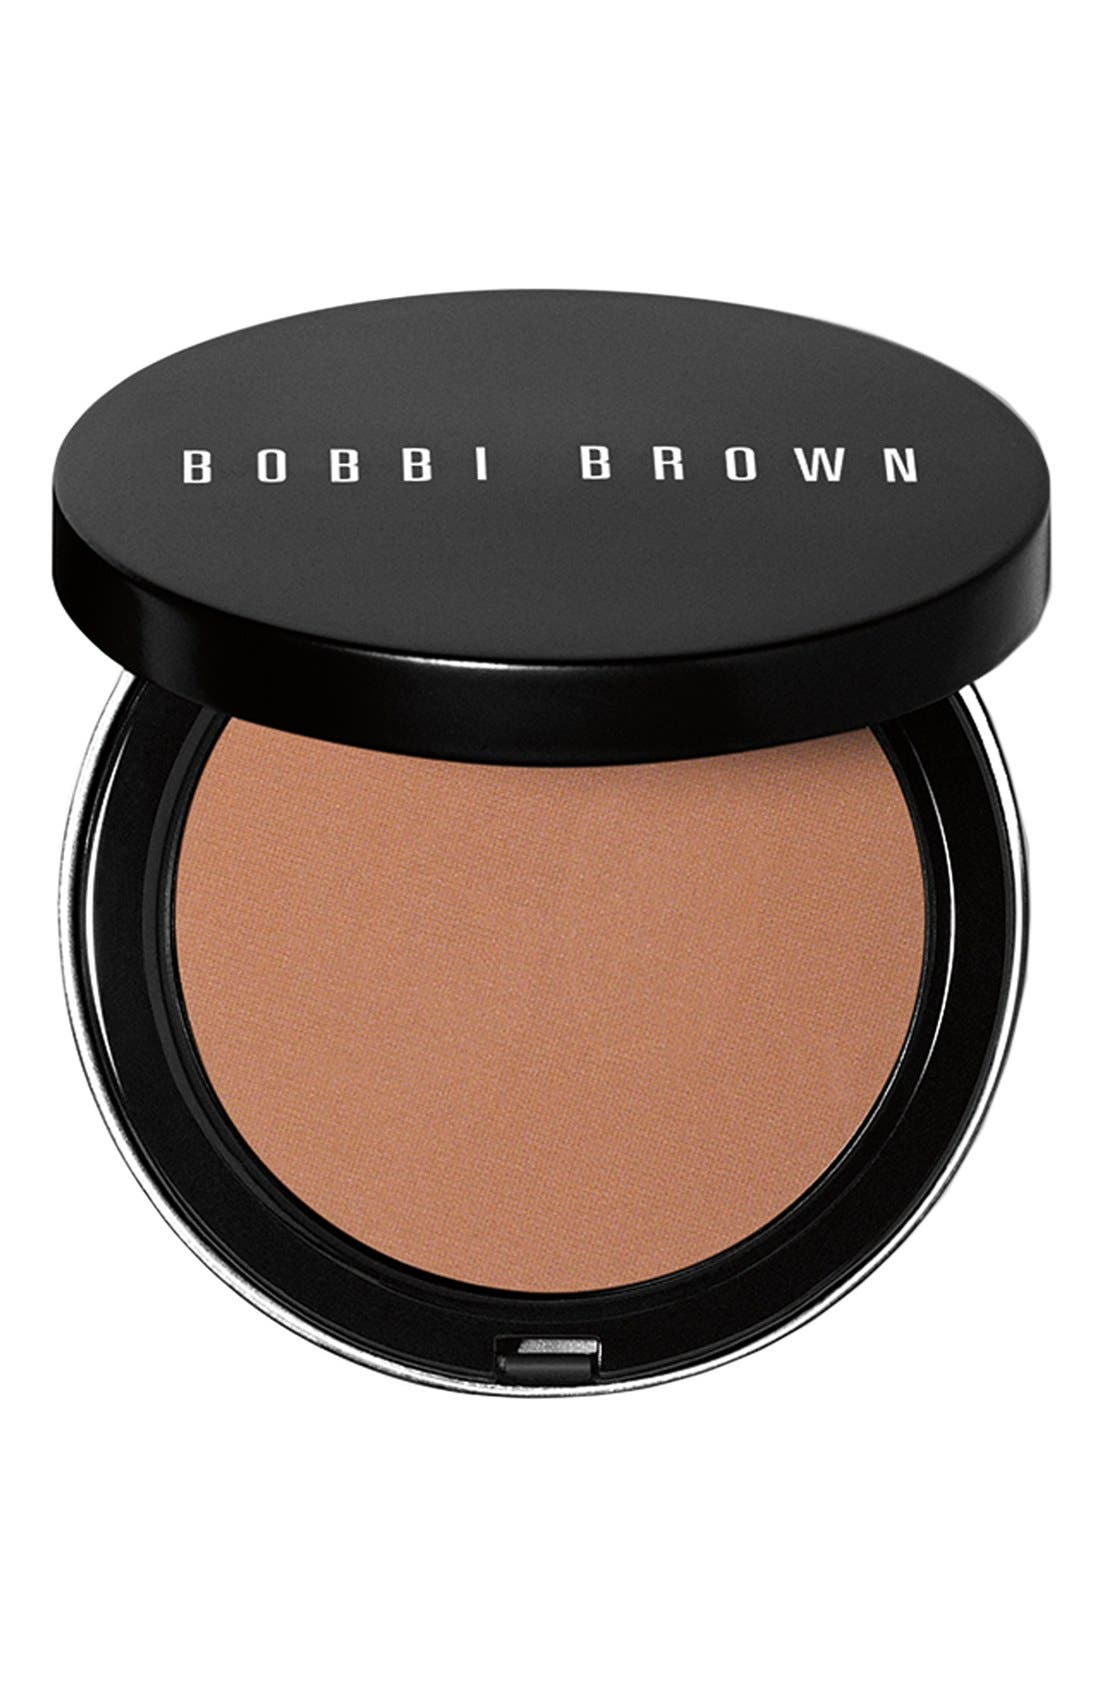 Bobbi Brown Bronzing Powder